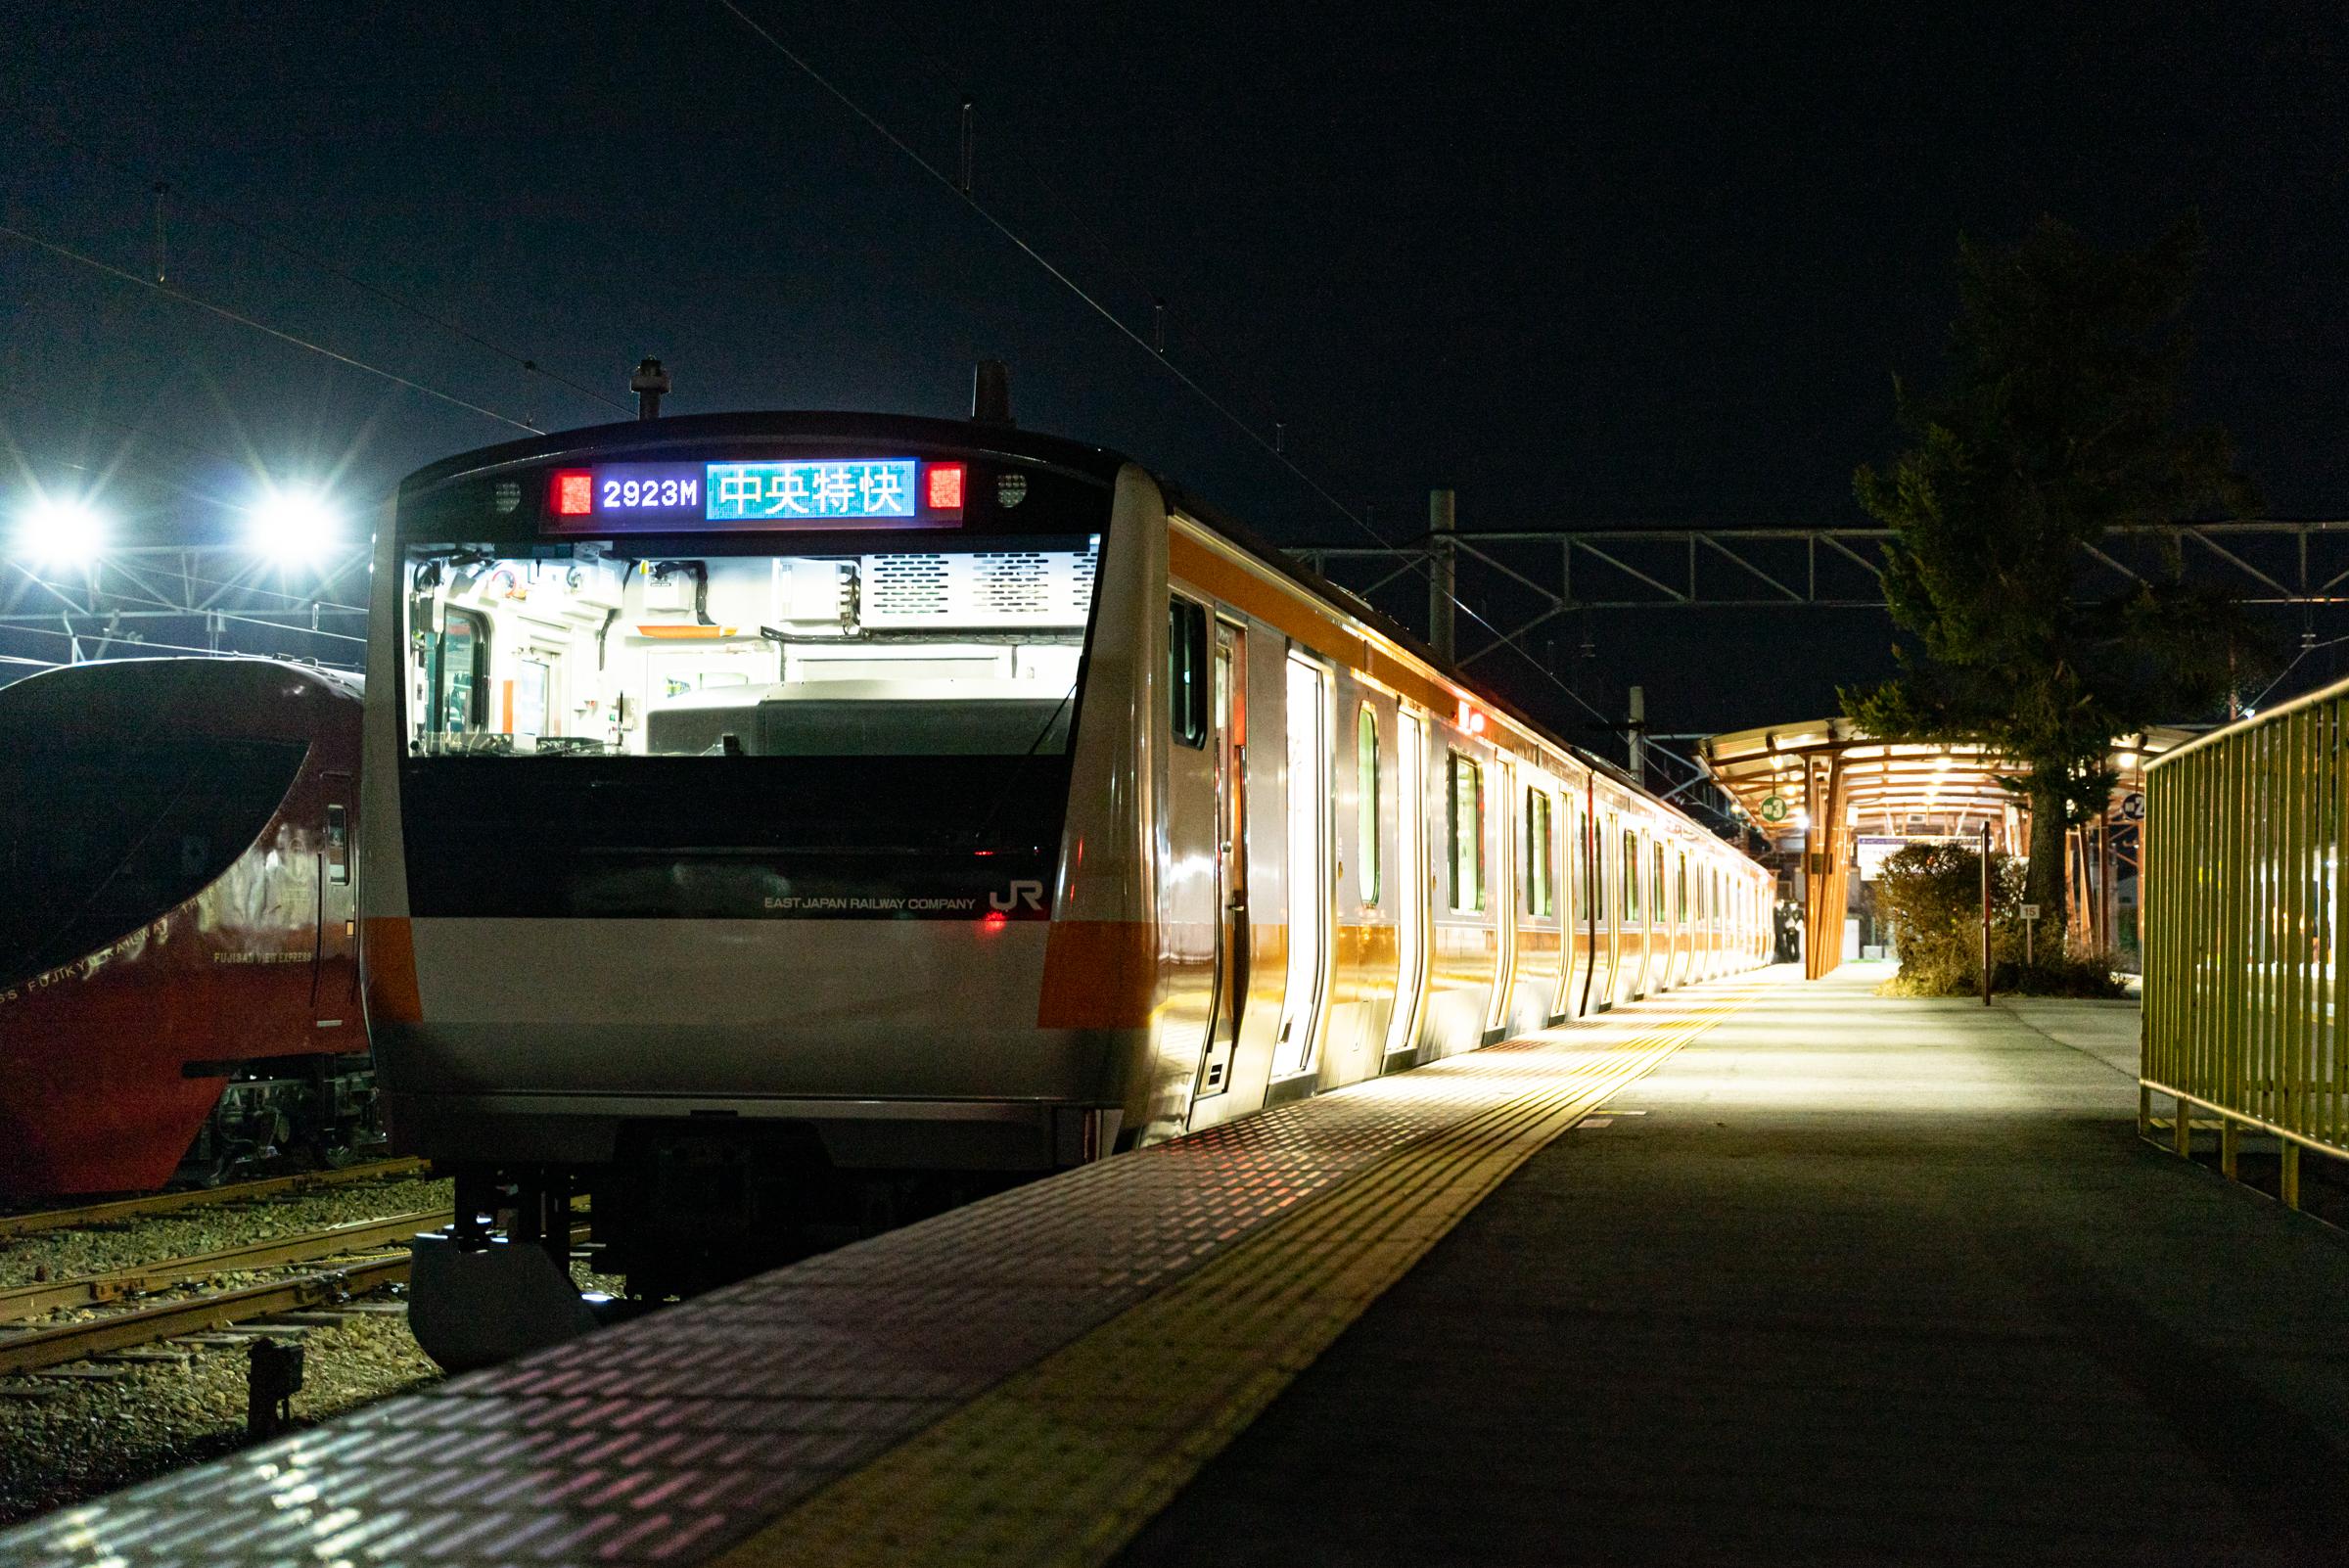 【東京発直通河口湖行き】中央線で最も寝過ごしNGな電車で終点へ / 「大月行き」を超える、禁断の隠しボス「河口湖行き」